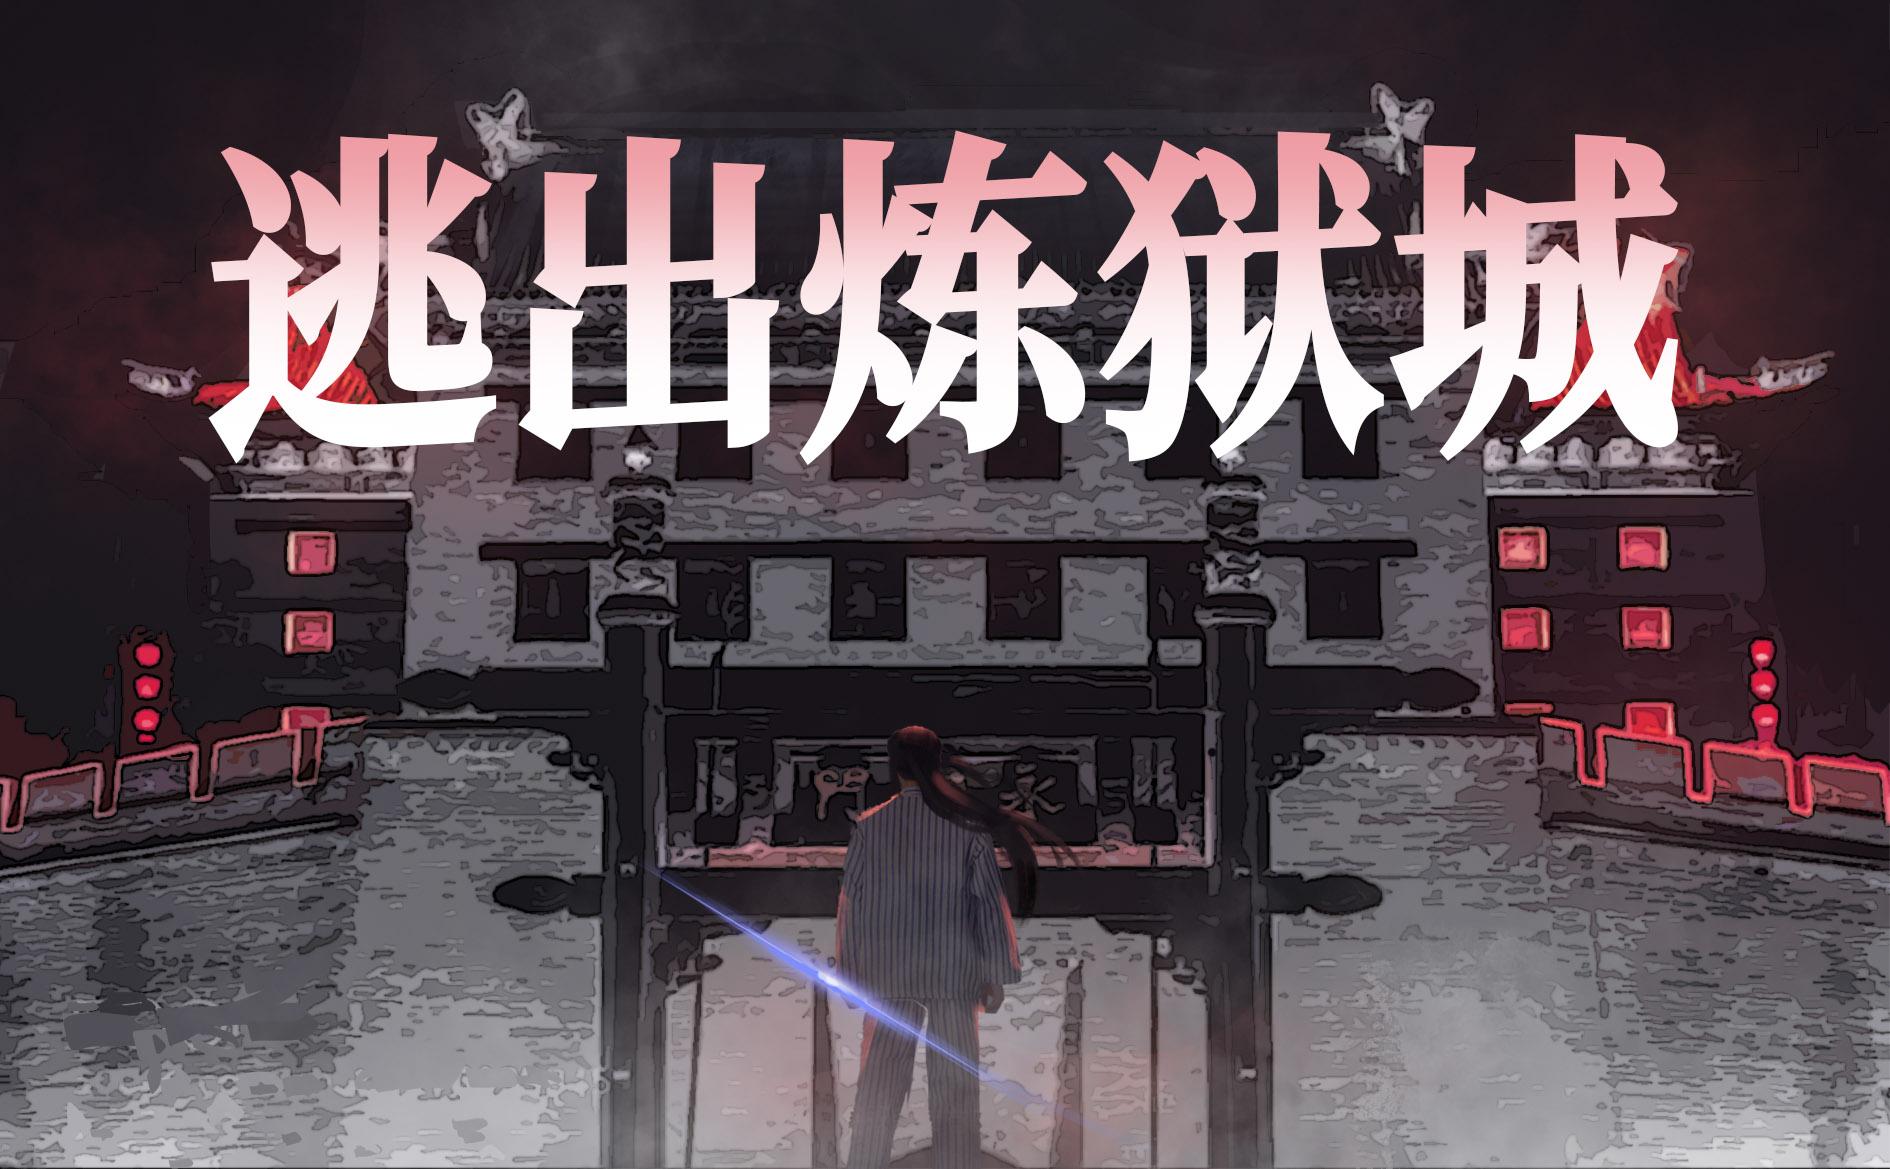 《逃出炼狱城》剧本杀故事背景_角色简介_凶手是谁_复盘解析